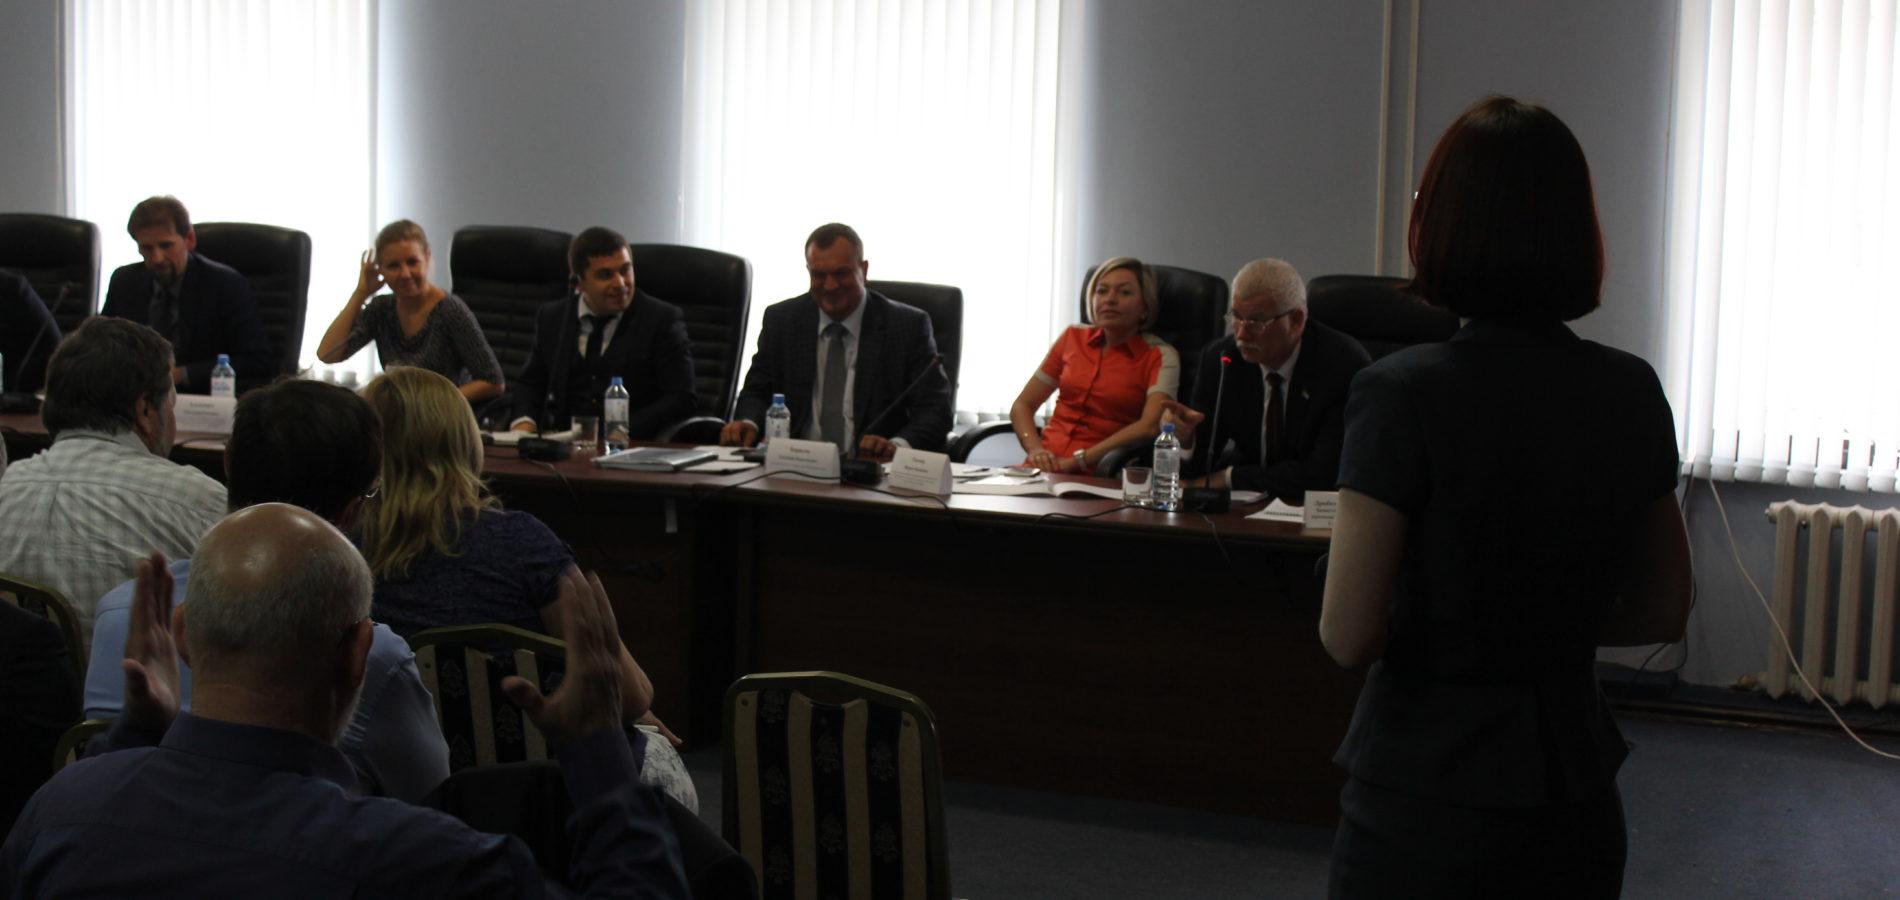 В Самаре прошло публичное обсуждение методики мотивации муниципалитетов по развитию малого и среднего бизнеса